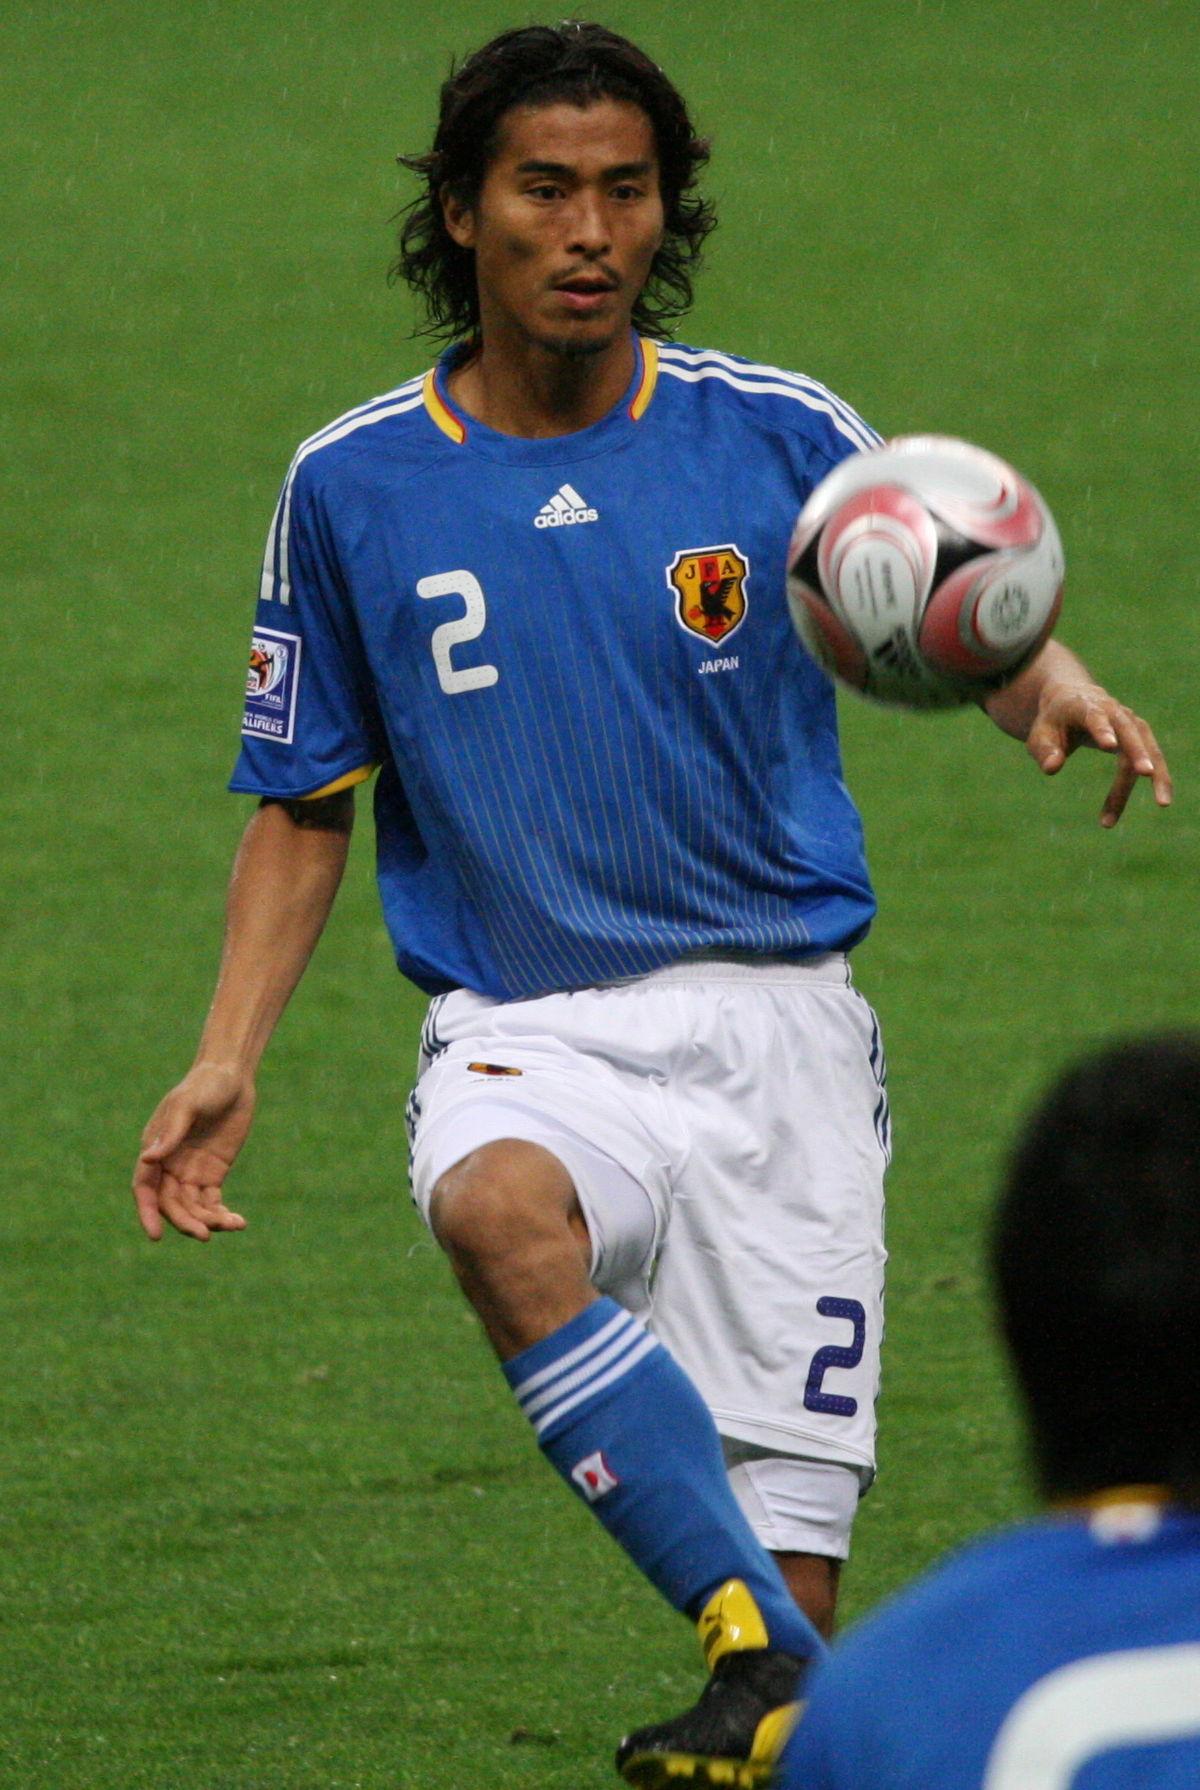 中澤佑二 - Wikipedia